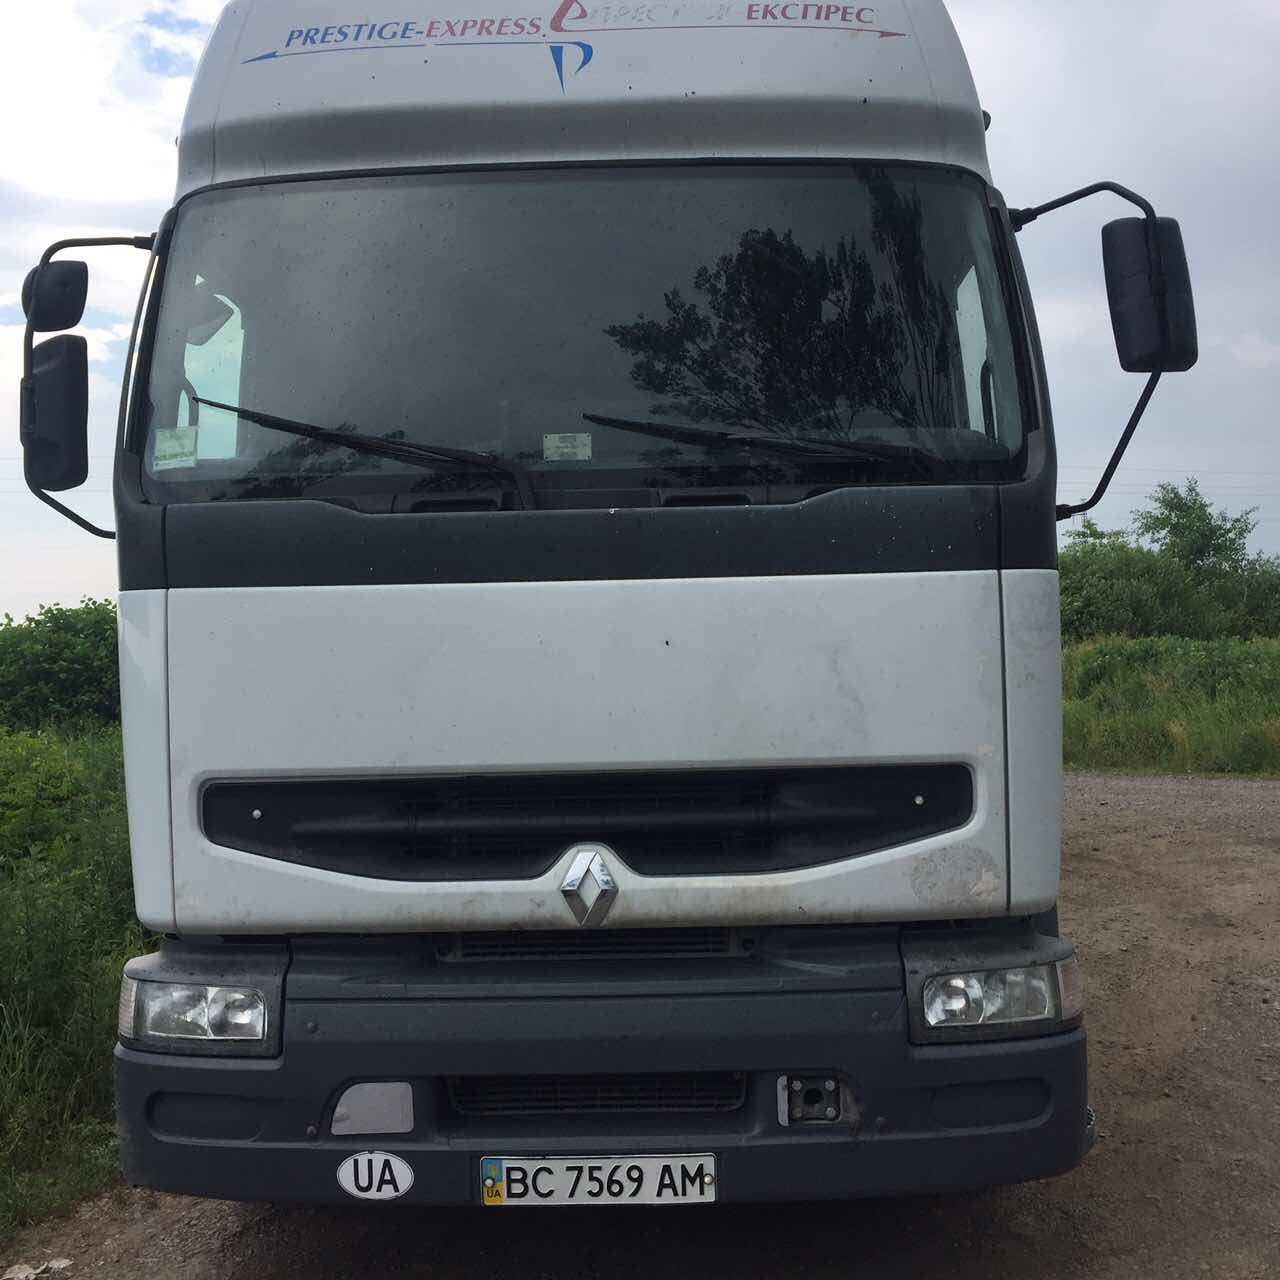 На Закарпатті затримали «нелегальну» львівську вантажівку зі сміттям, її під супроводом поліції відправлять назад (ФОТО)